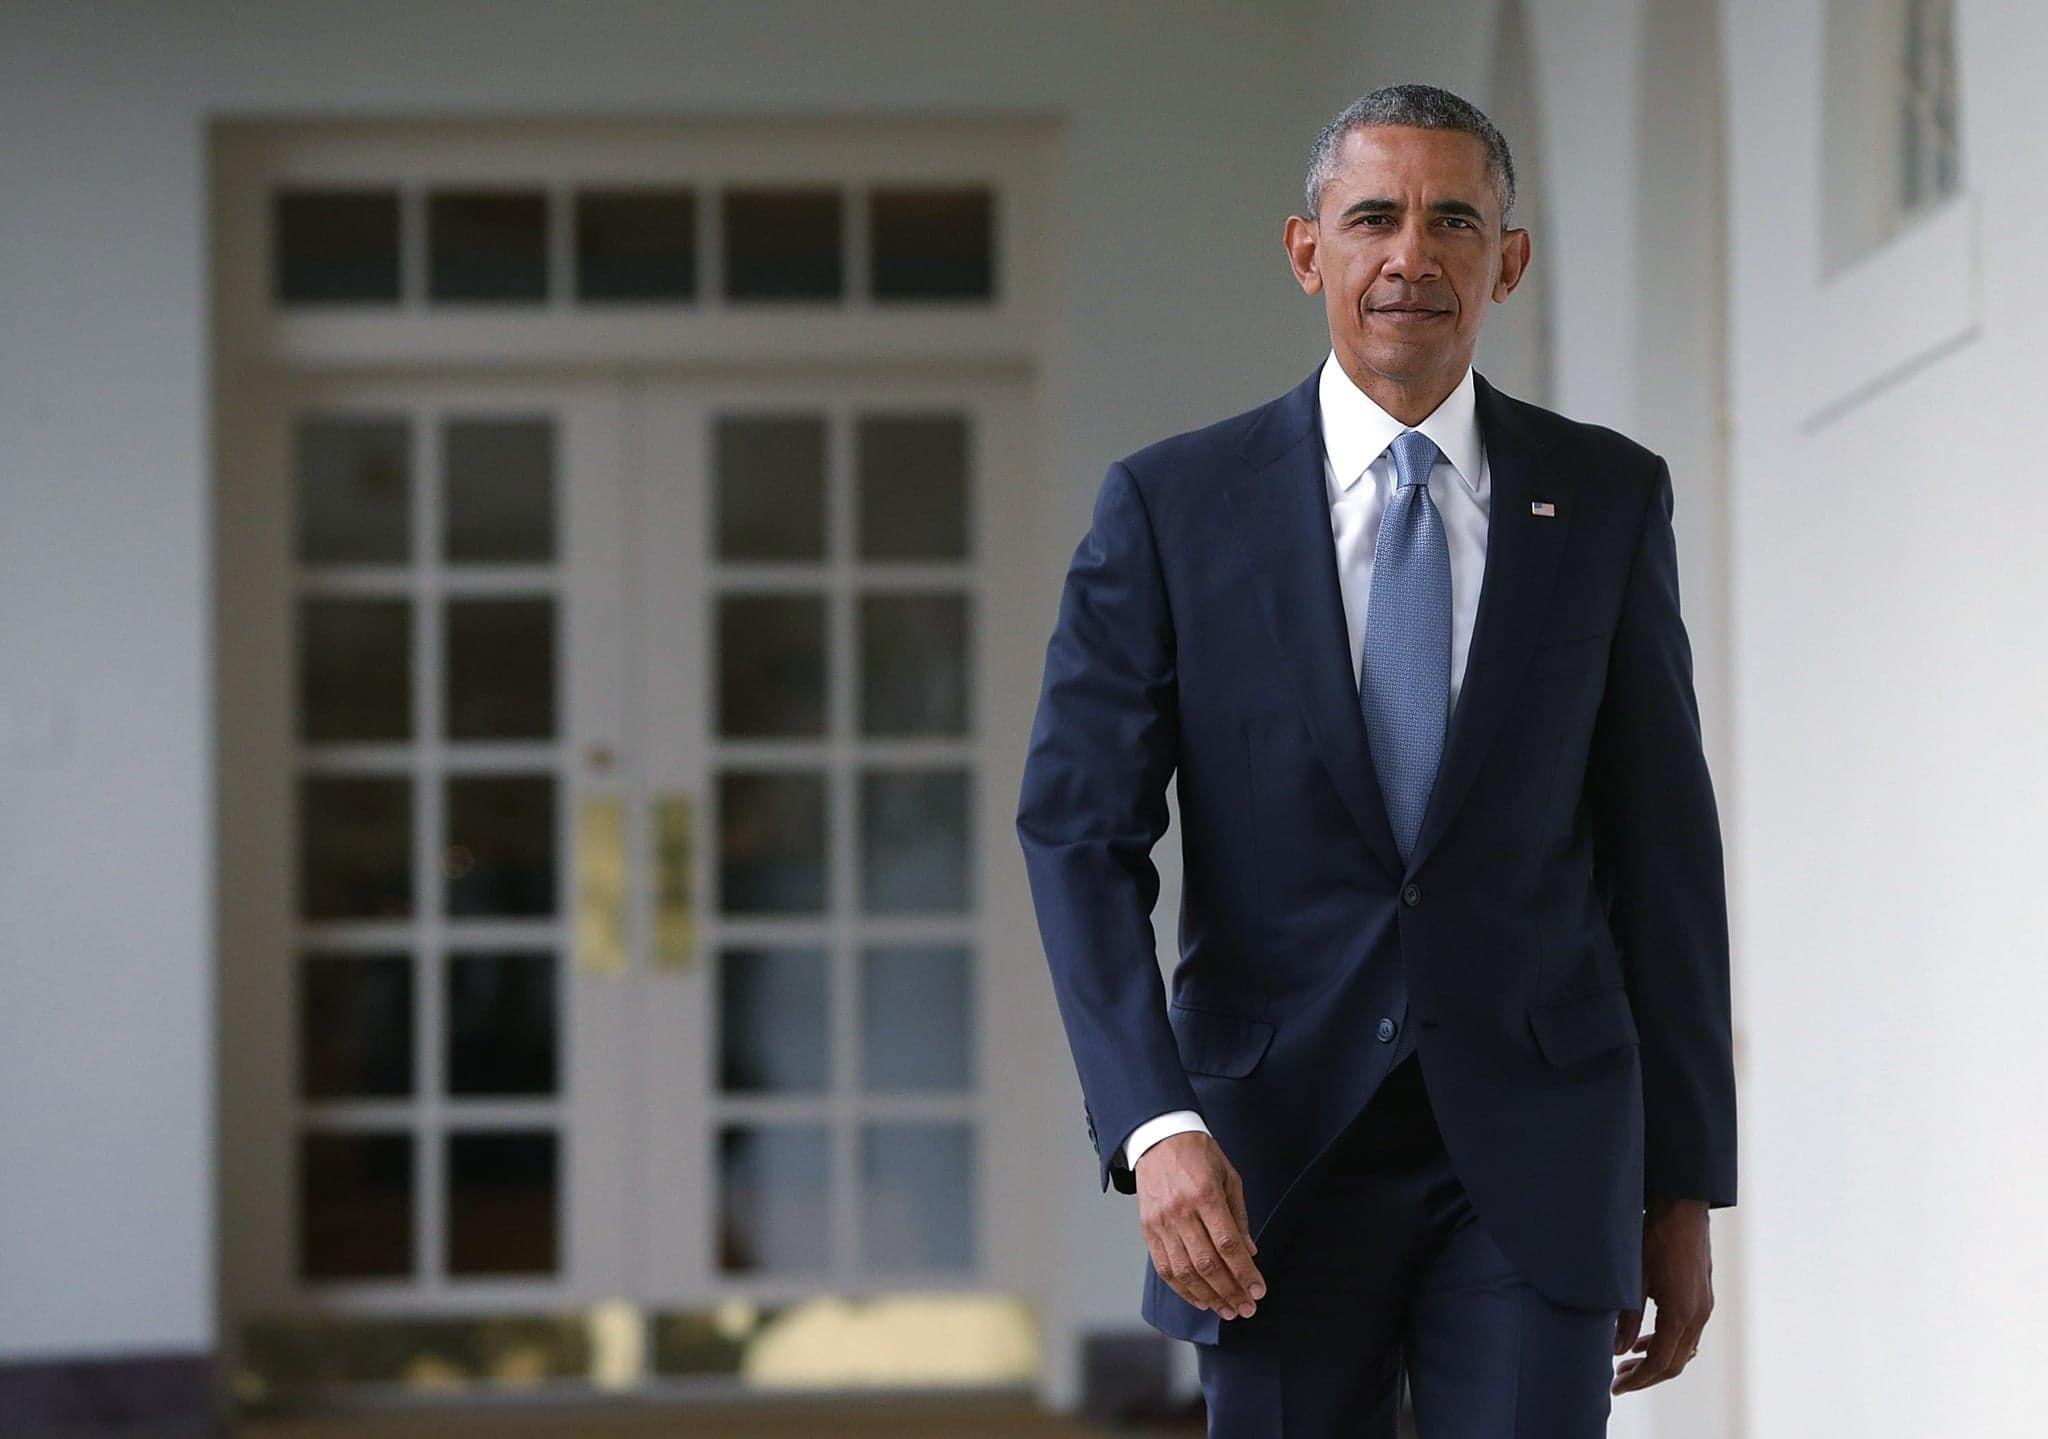 He looks dapper in a suit  | Style ideas | Obama speech, Barack